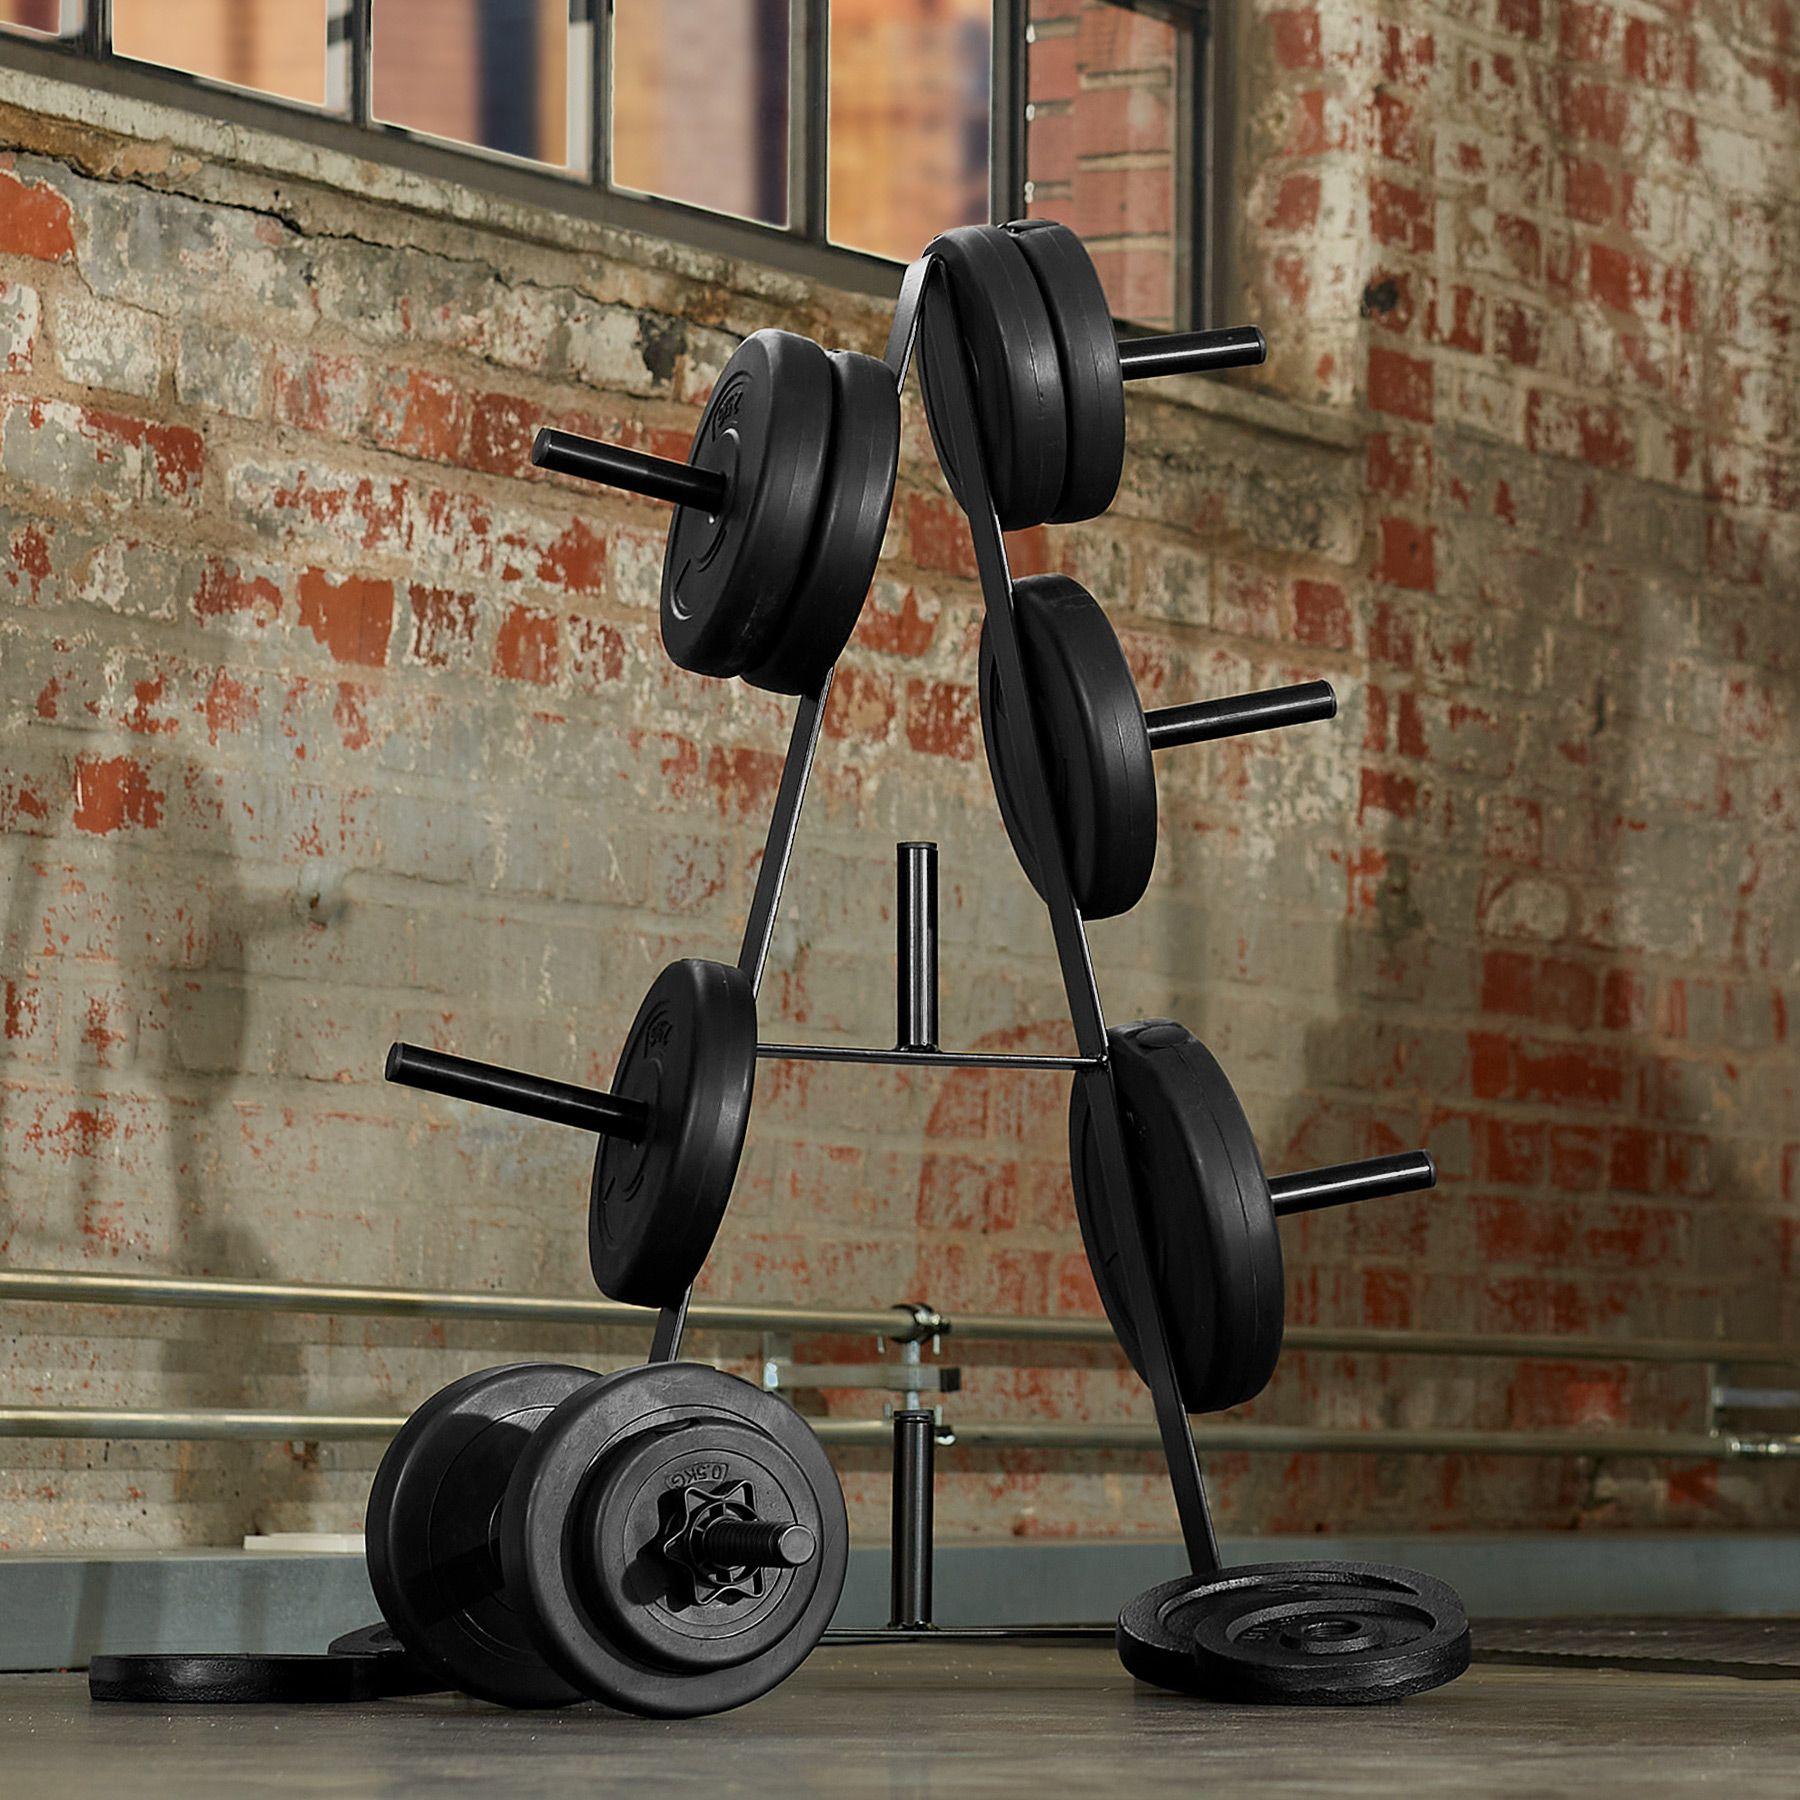 Hantelscheibenständer Gewicht Scheibenständer Hantel Scheiben 7 Ablagen 200 kg